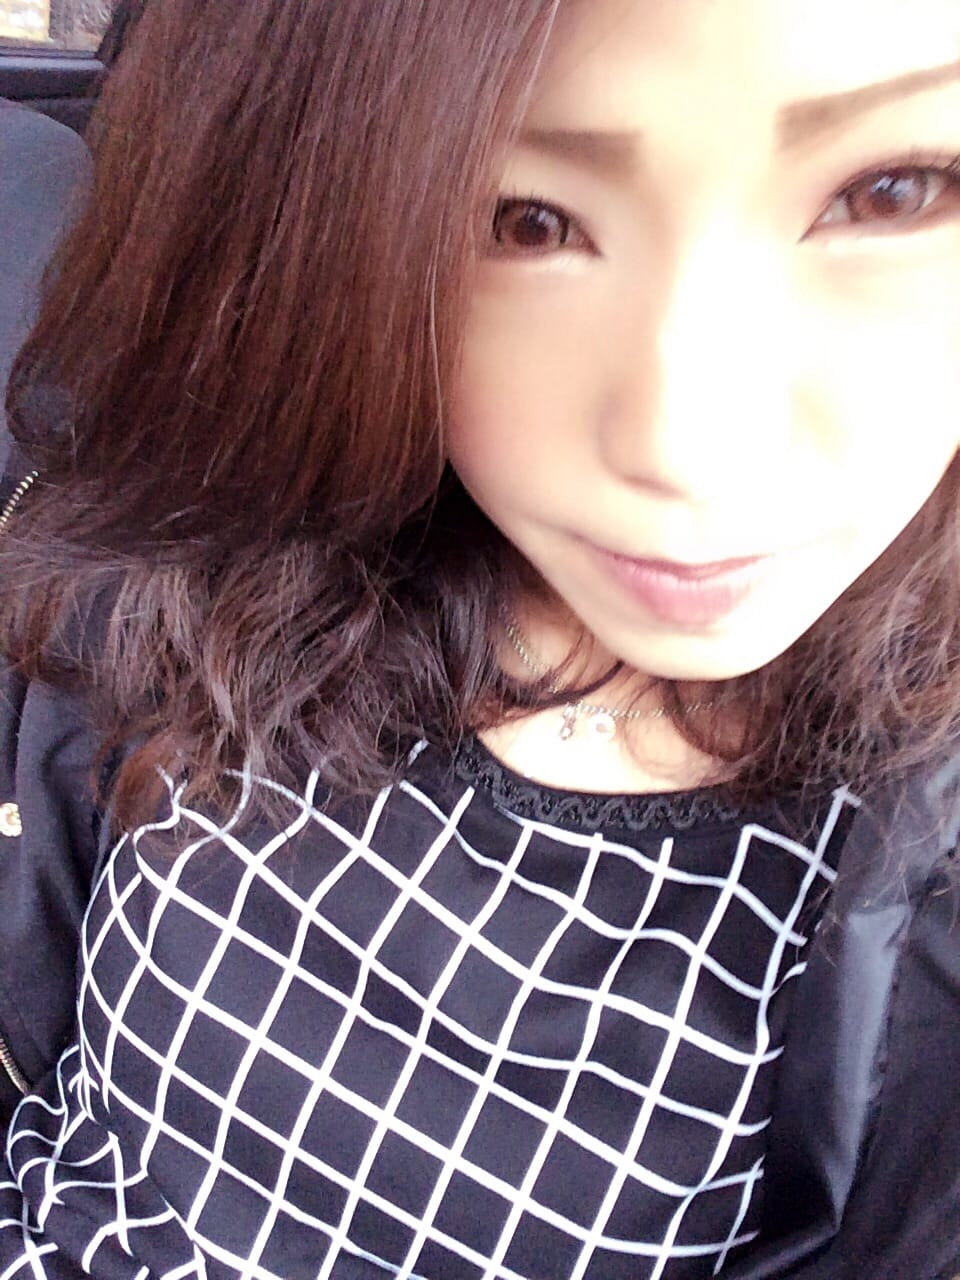 「ヤバイ」01/11(木) 11:21   ♡桜井ゆあ♡の写メ・風俗動画